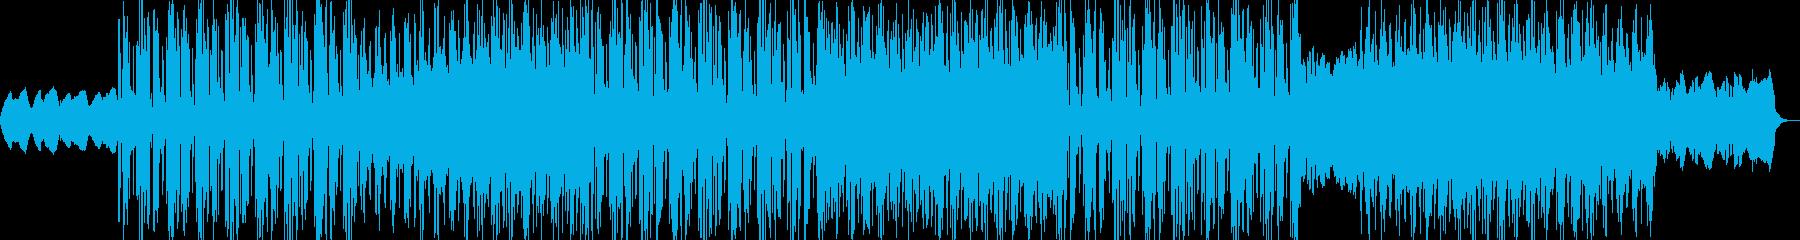 ブレイクビーツ レトロ ポジティブ...の再生済みの波形